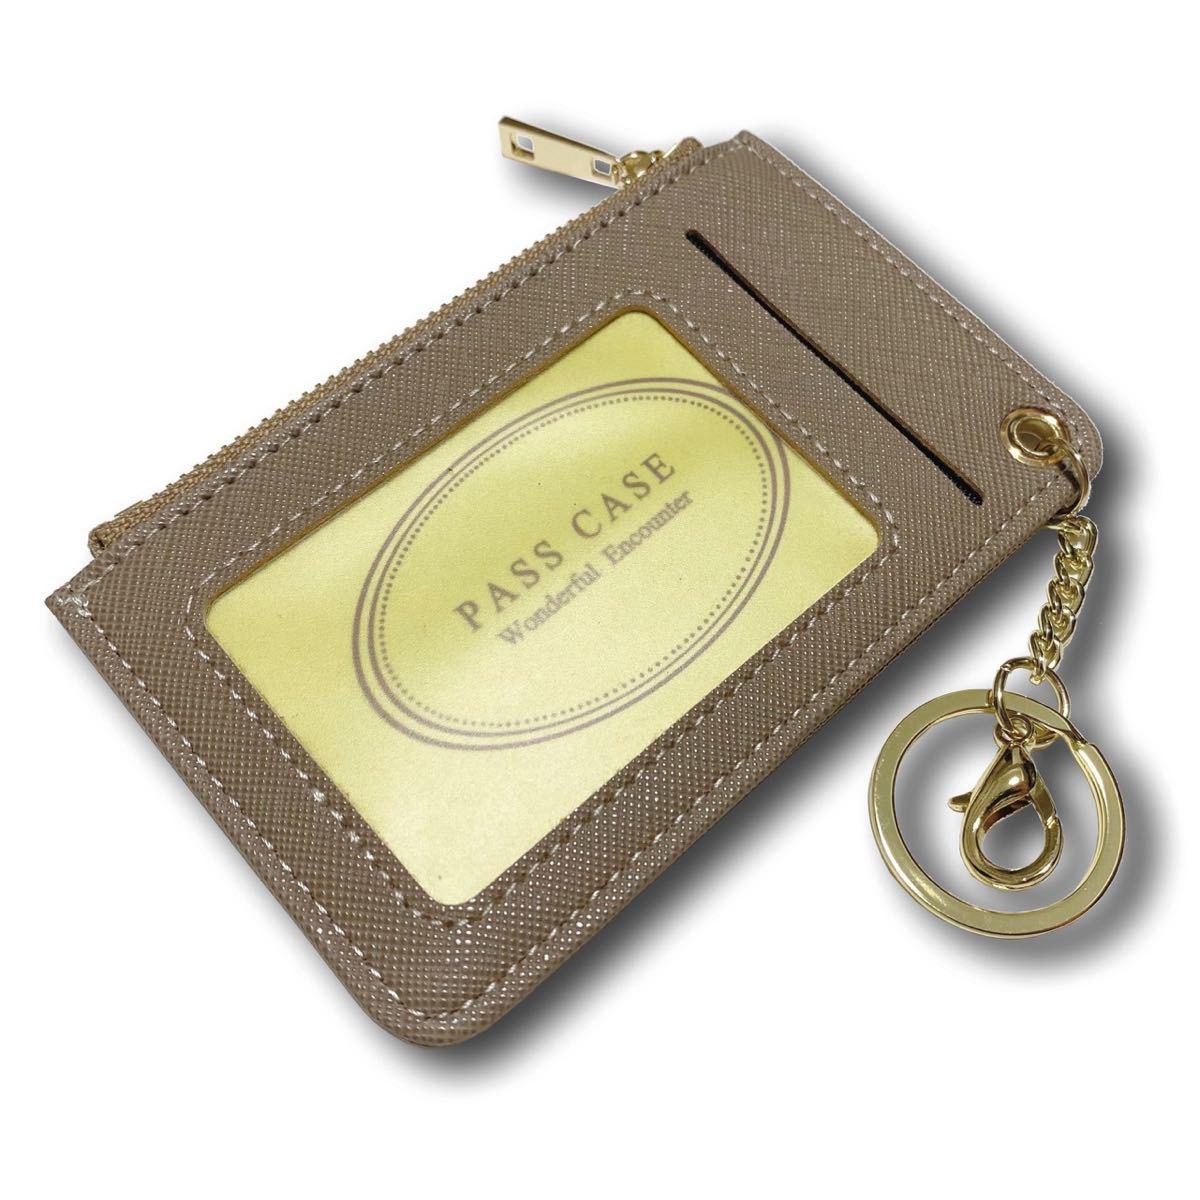 コインケース付きパスケース  パスケース 定期入れ コインケース 小銭入れ カードケース